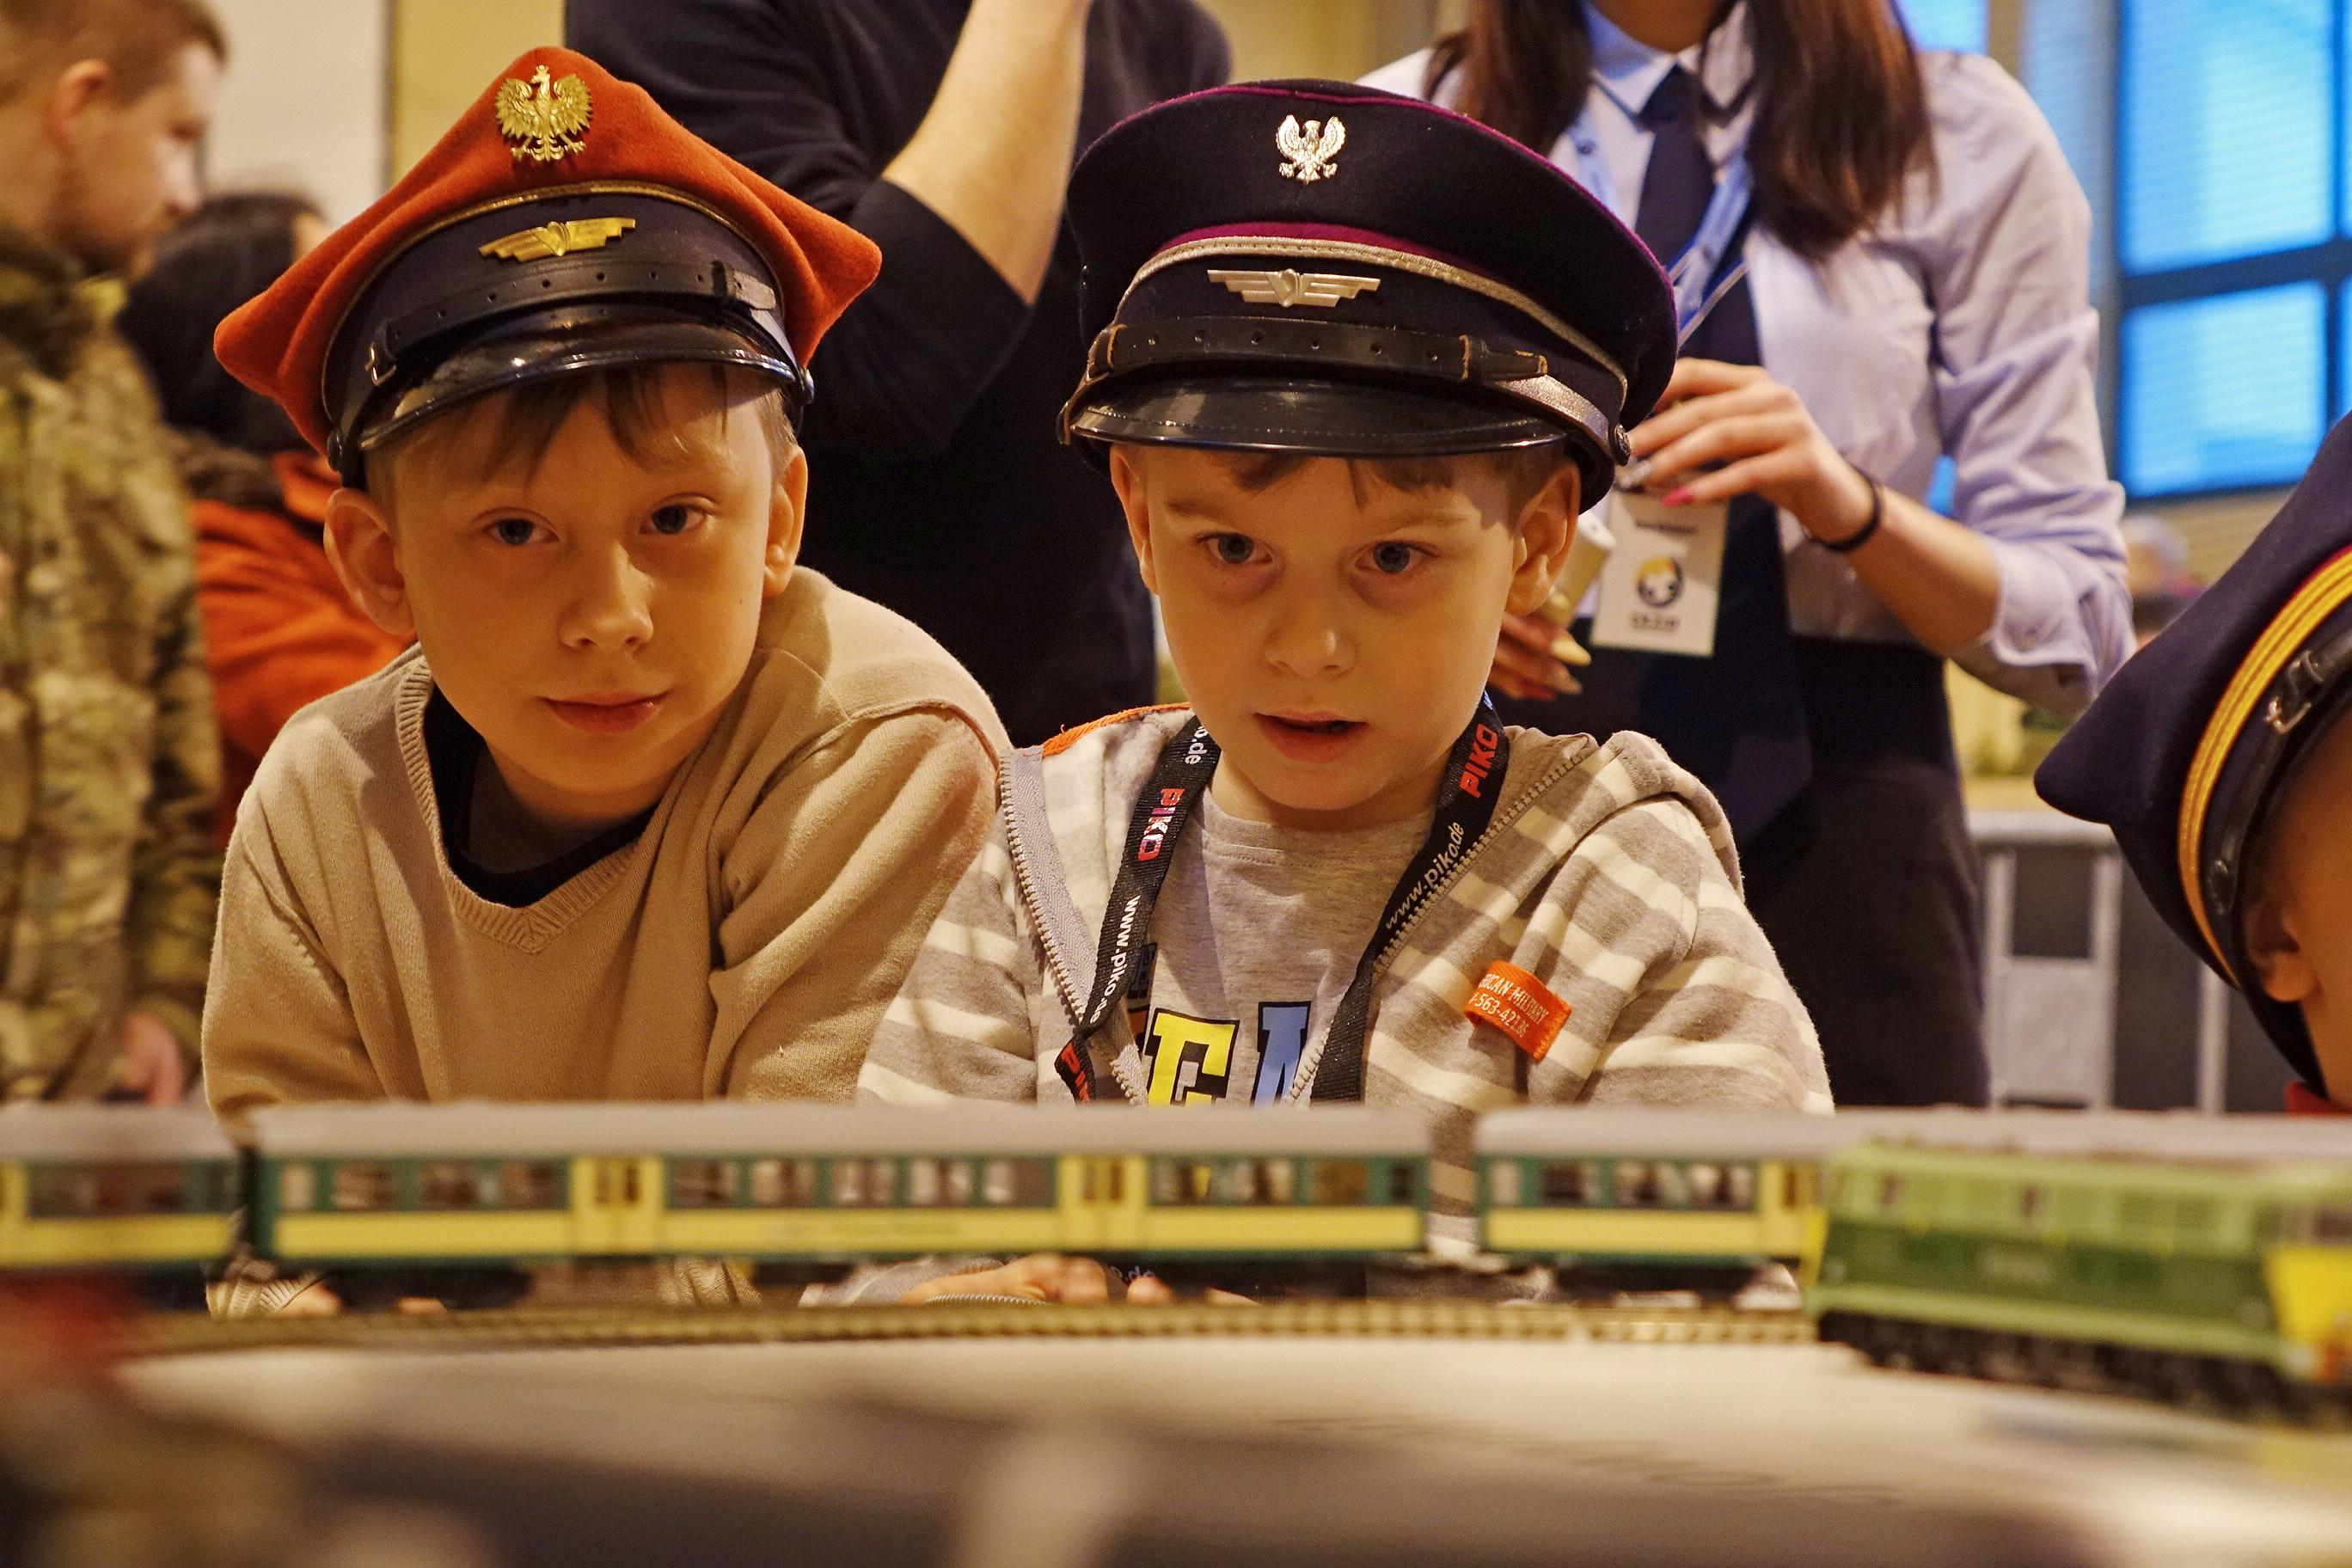 dzieci oglądające pociągi na wystawie